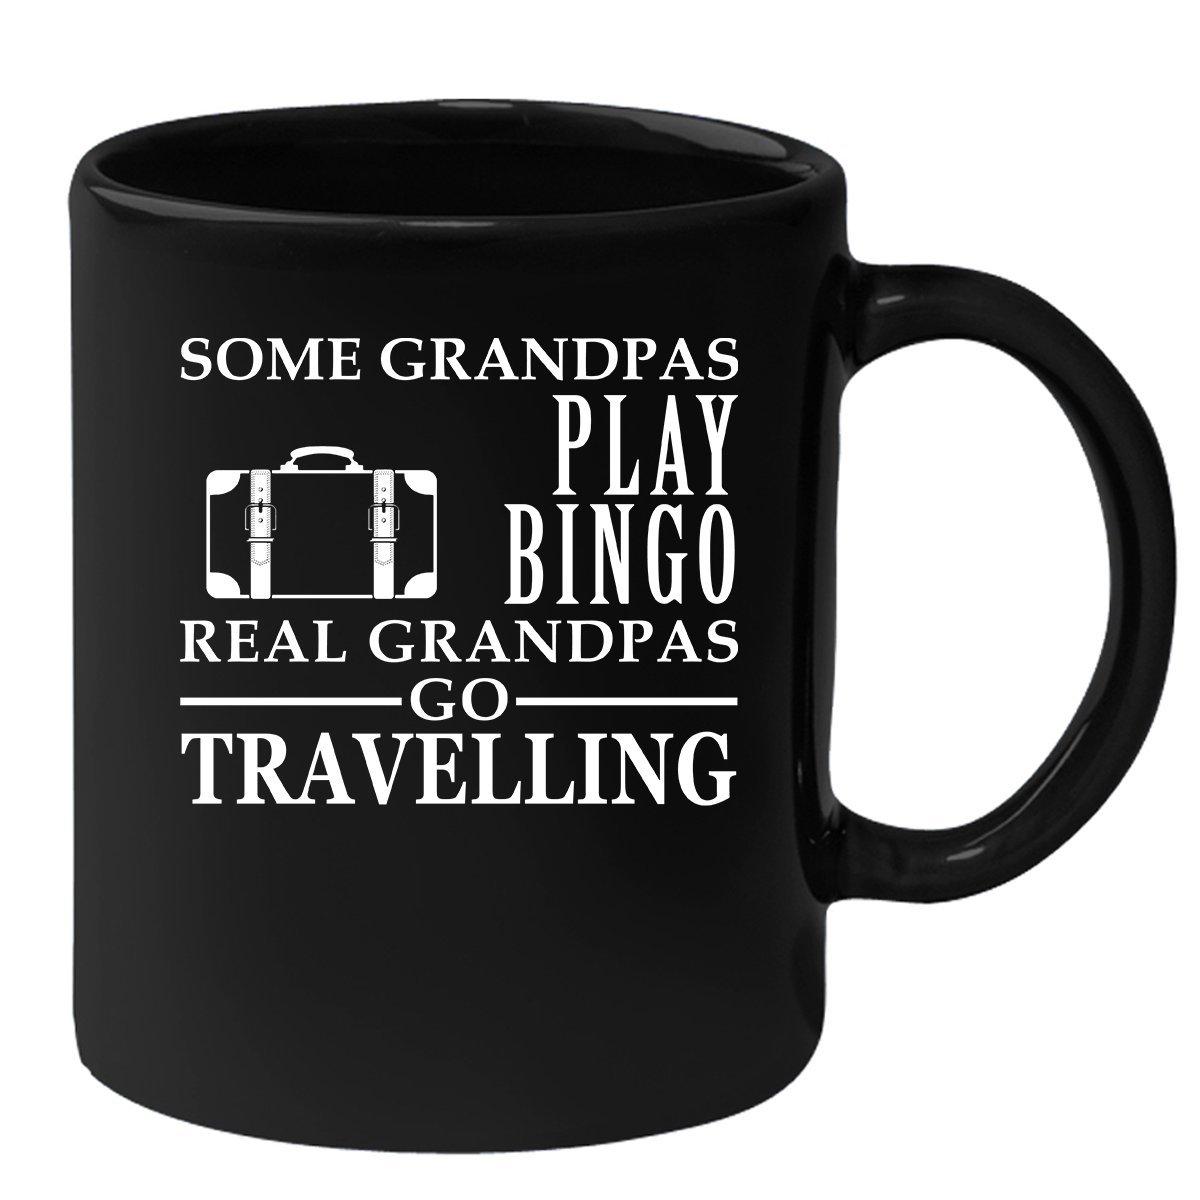 Travelling Black Mug, Grandpa Birthday Present Mug, Funny Mug for Coffee 11oz Some Grandpas play bingo, real Grandpas go Travelling